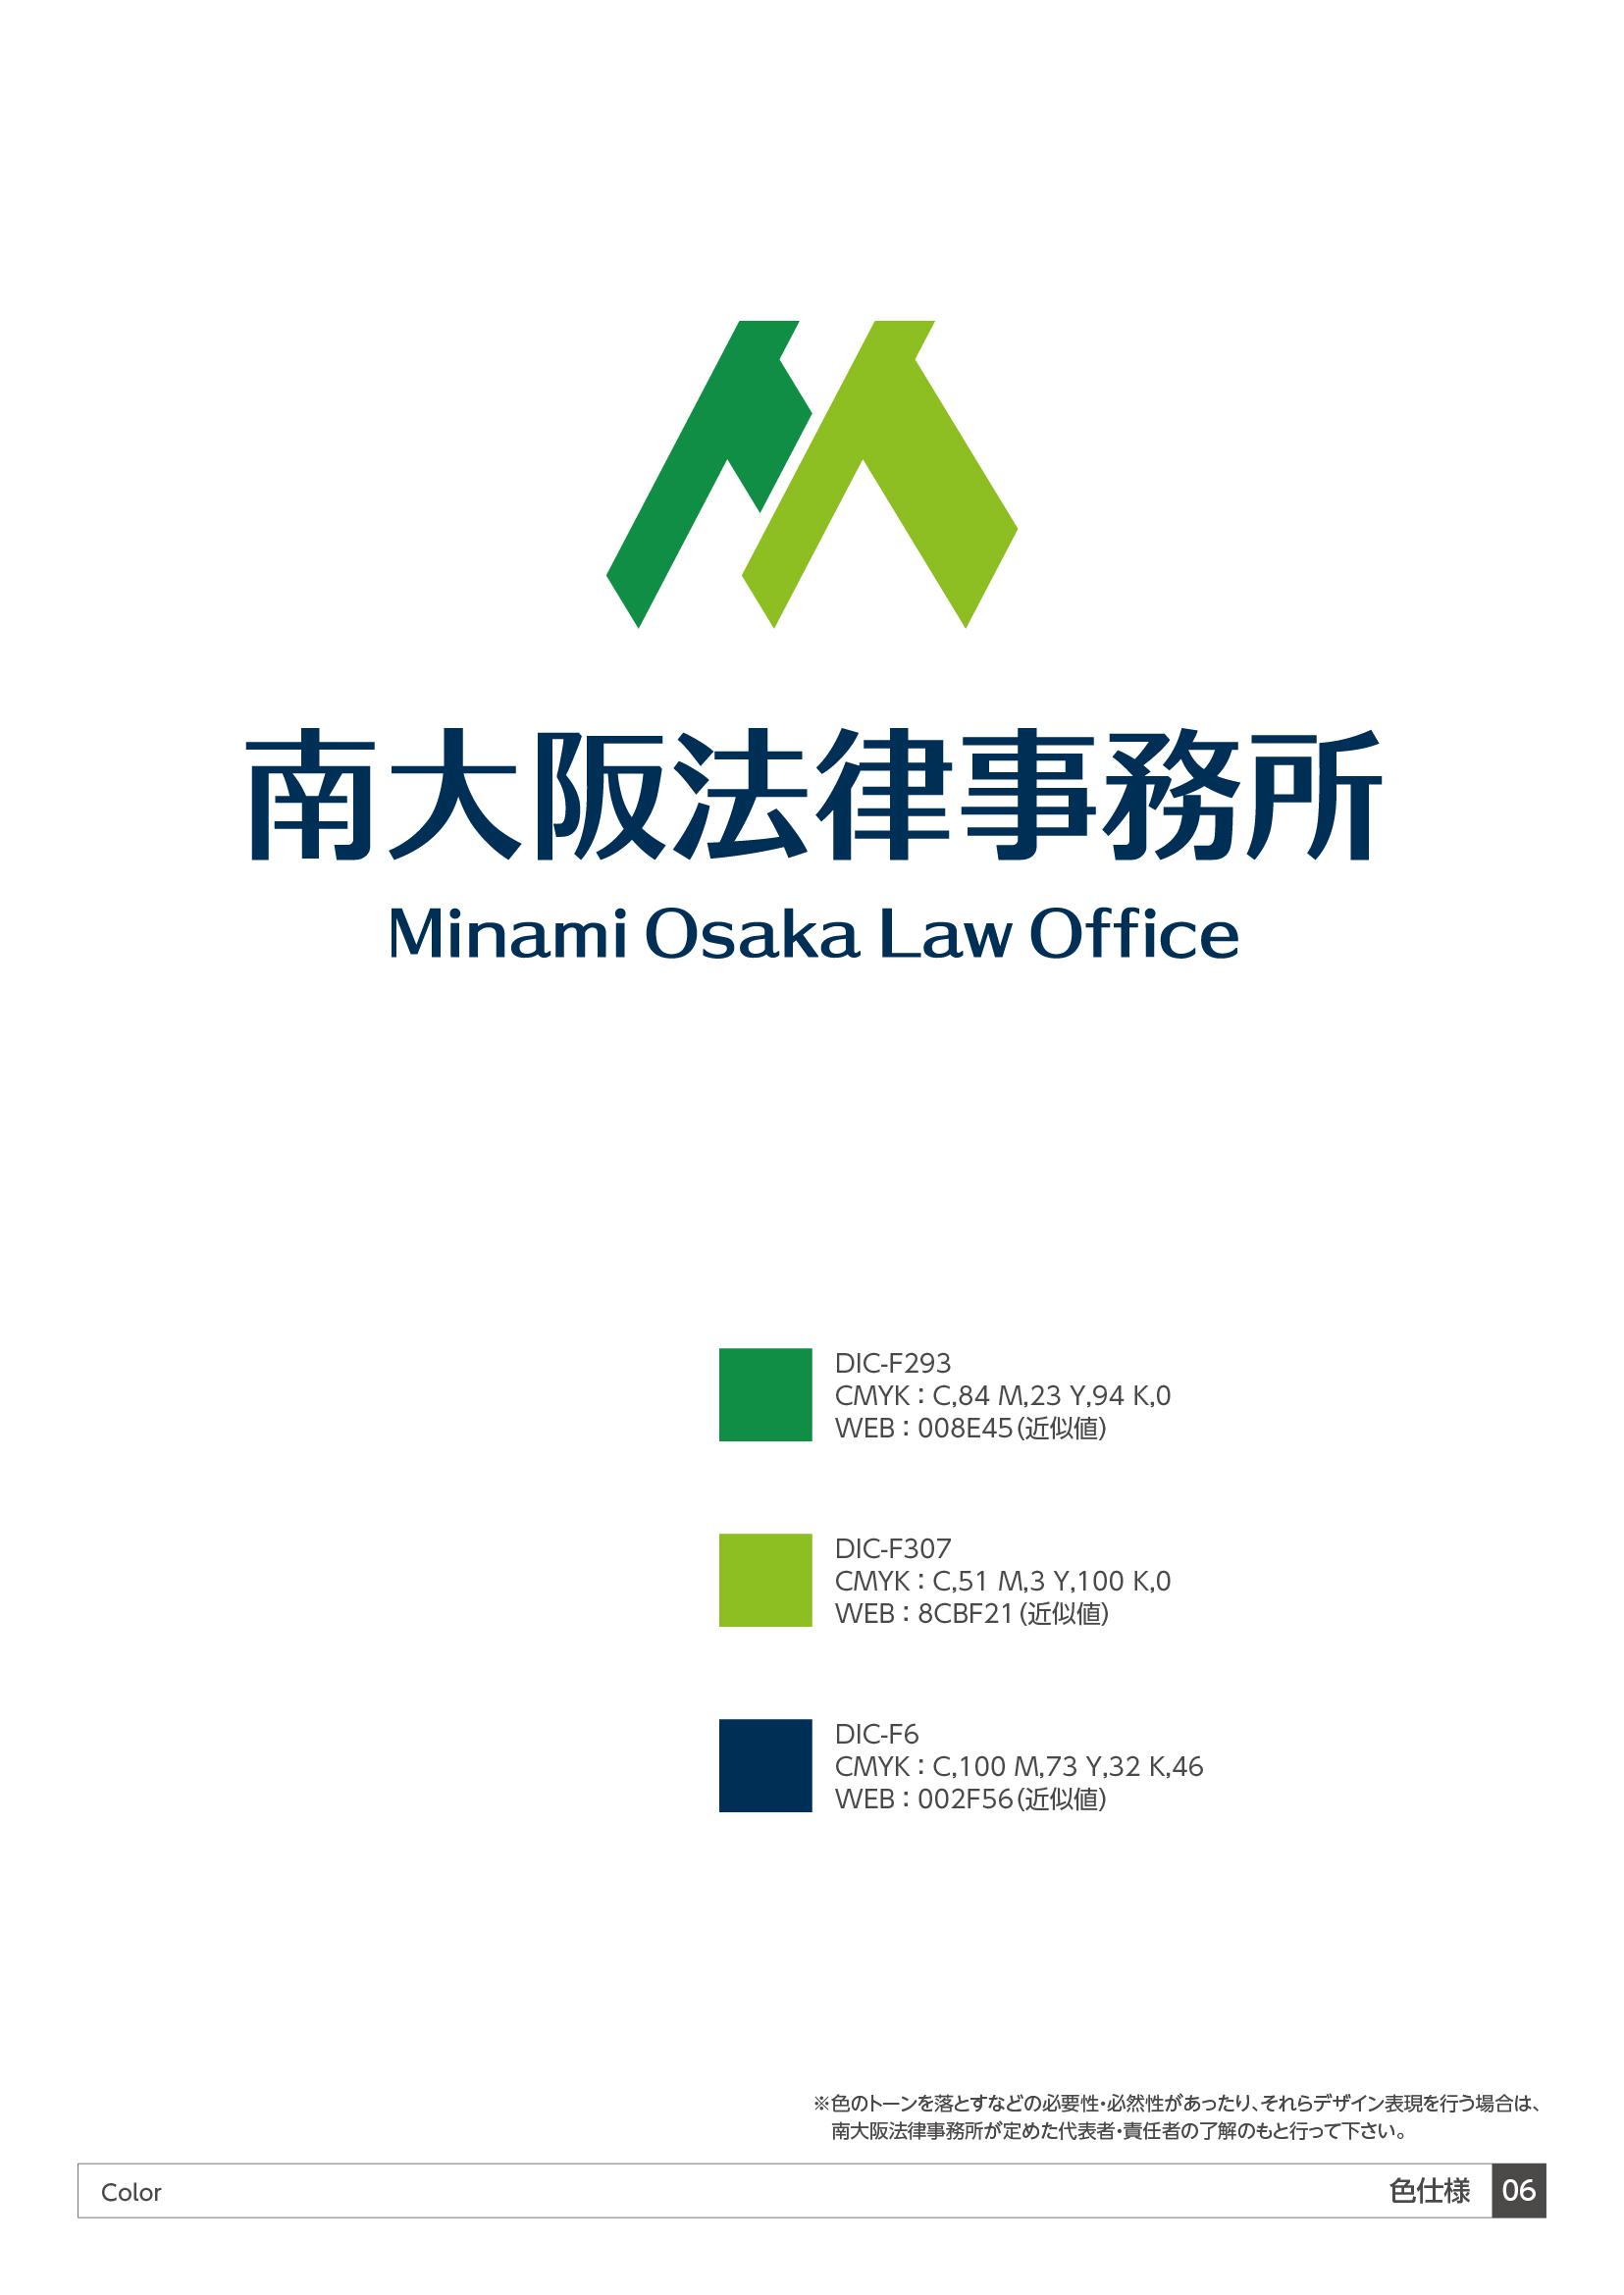 南大阪法律事務所ロゴマーク08